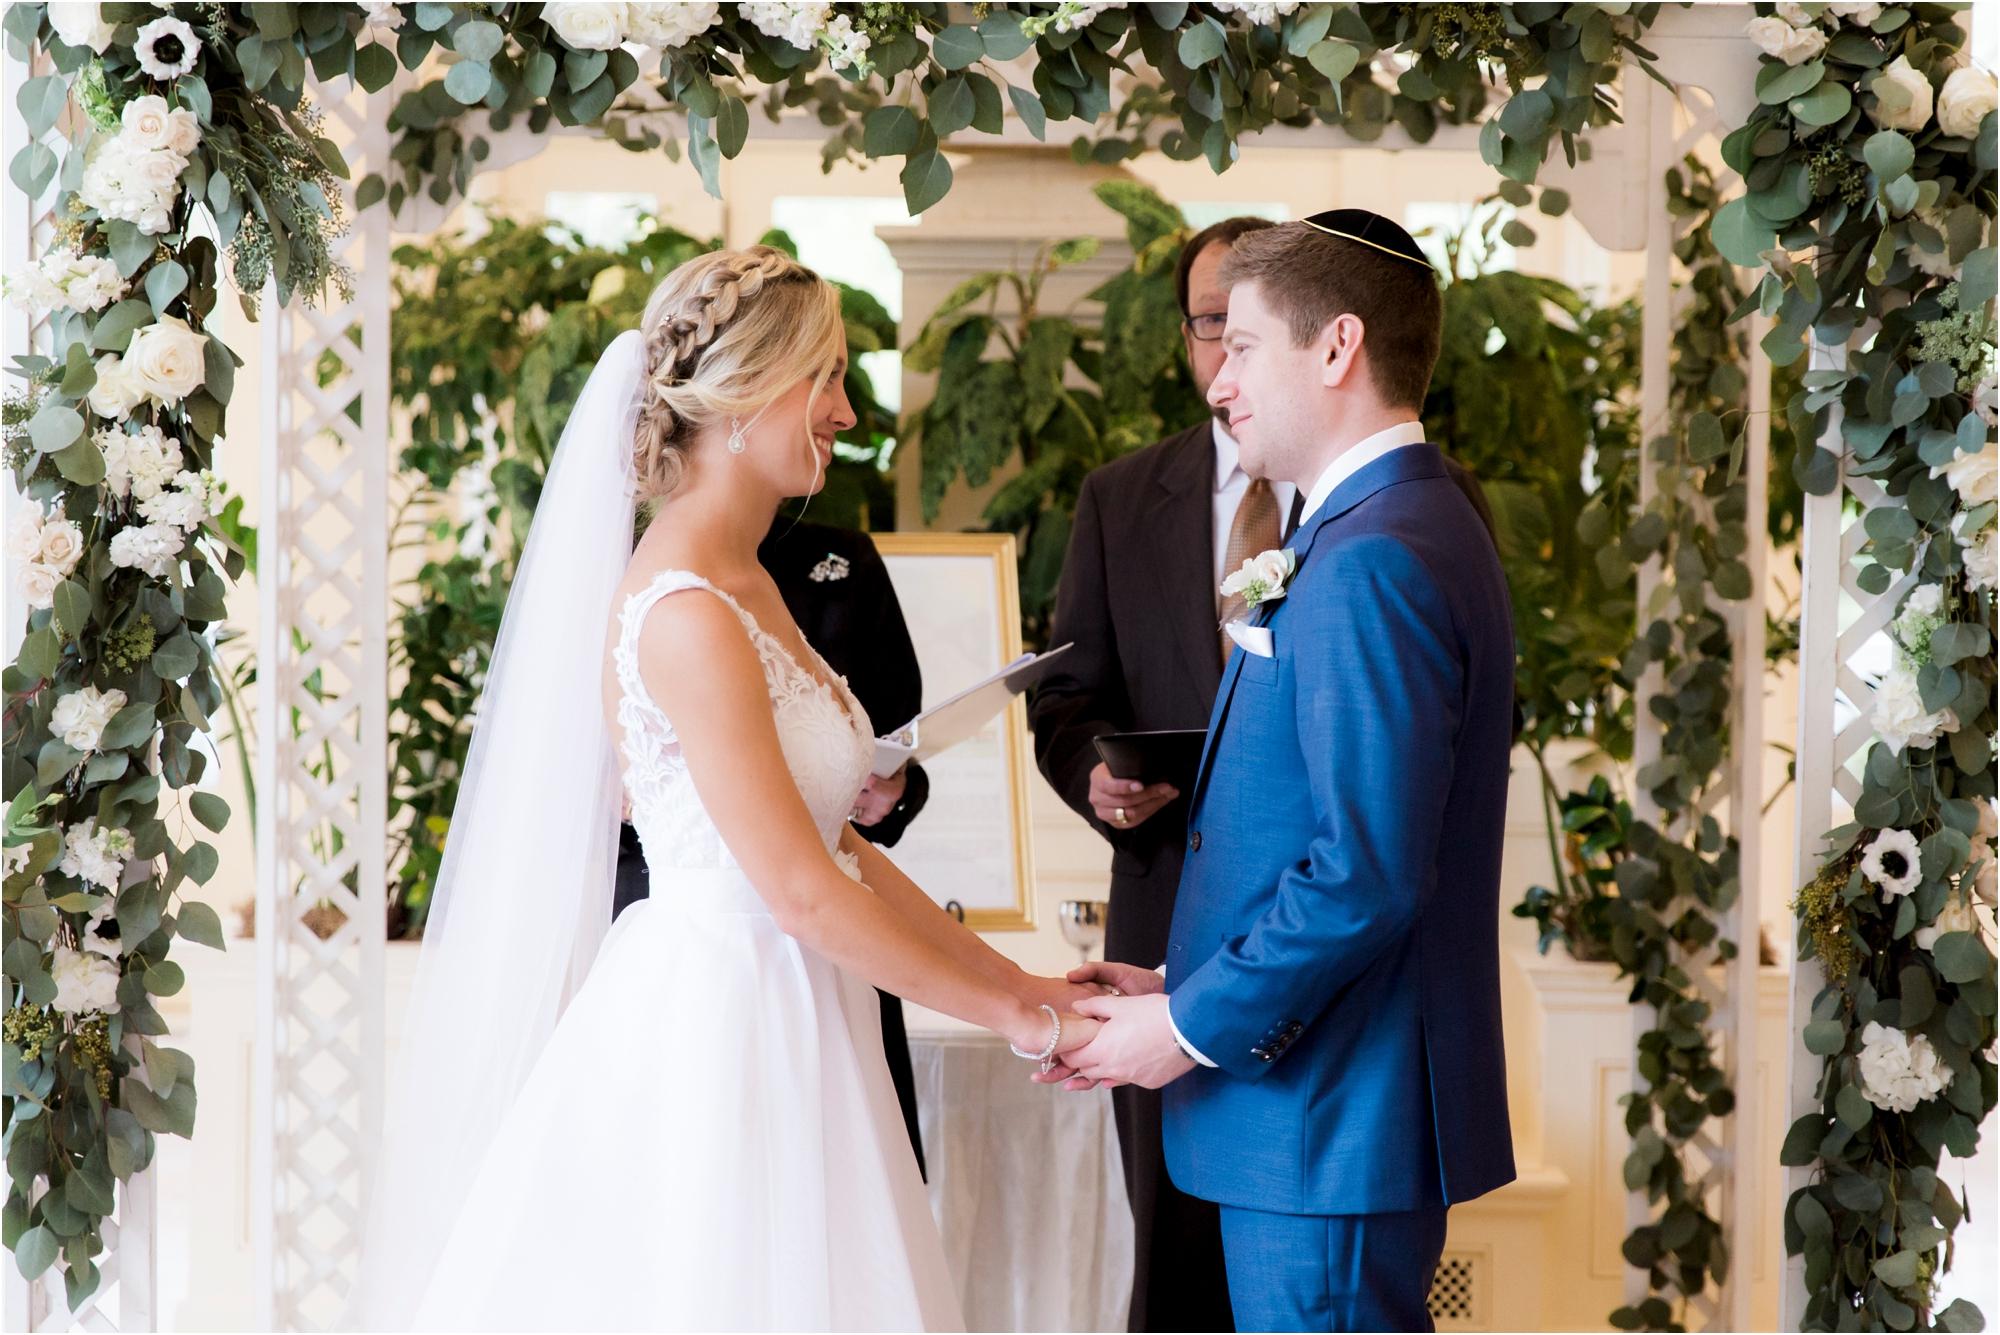 brooke-ilya-fall-virginia-omni-homestead-resort-wedding-photos_0034.jpg